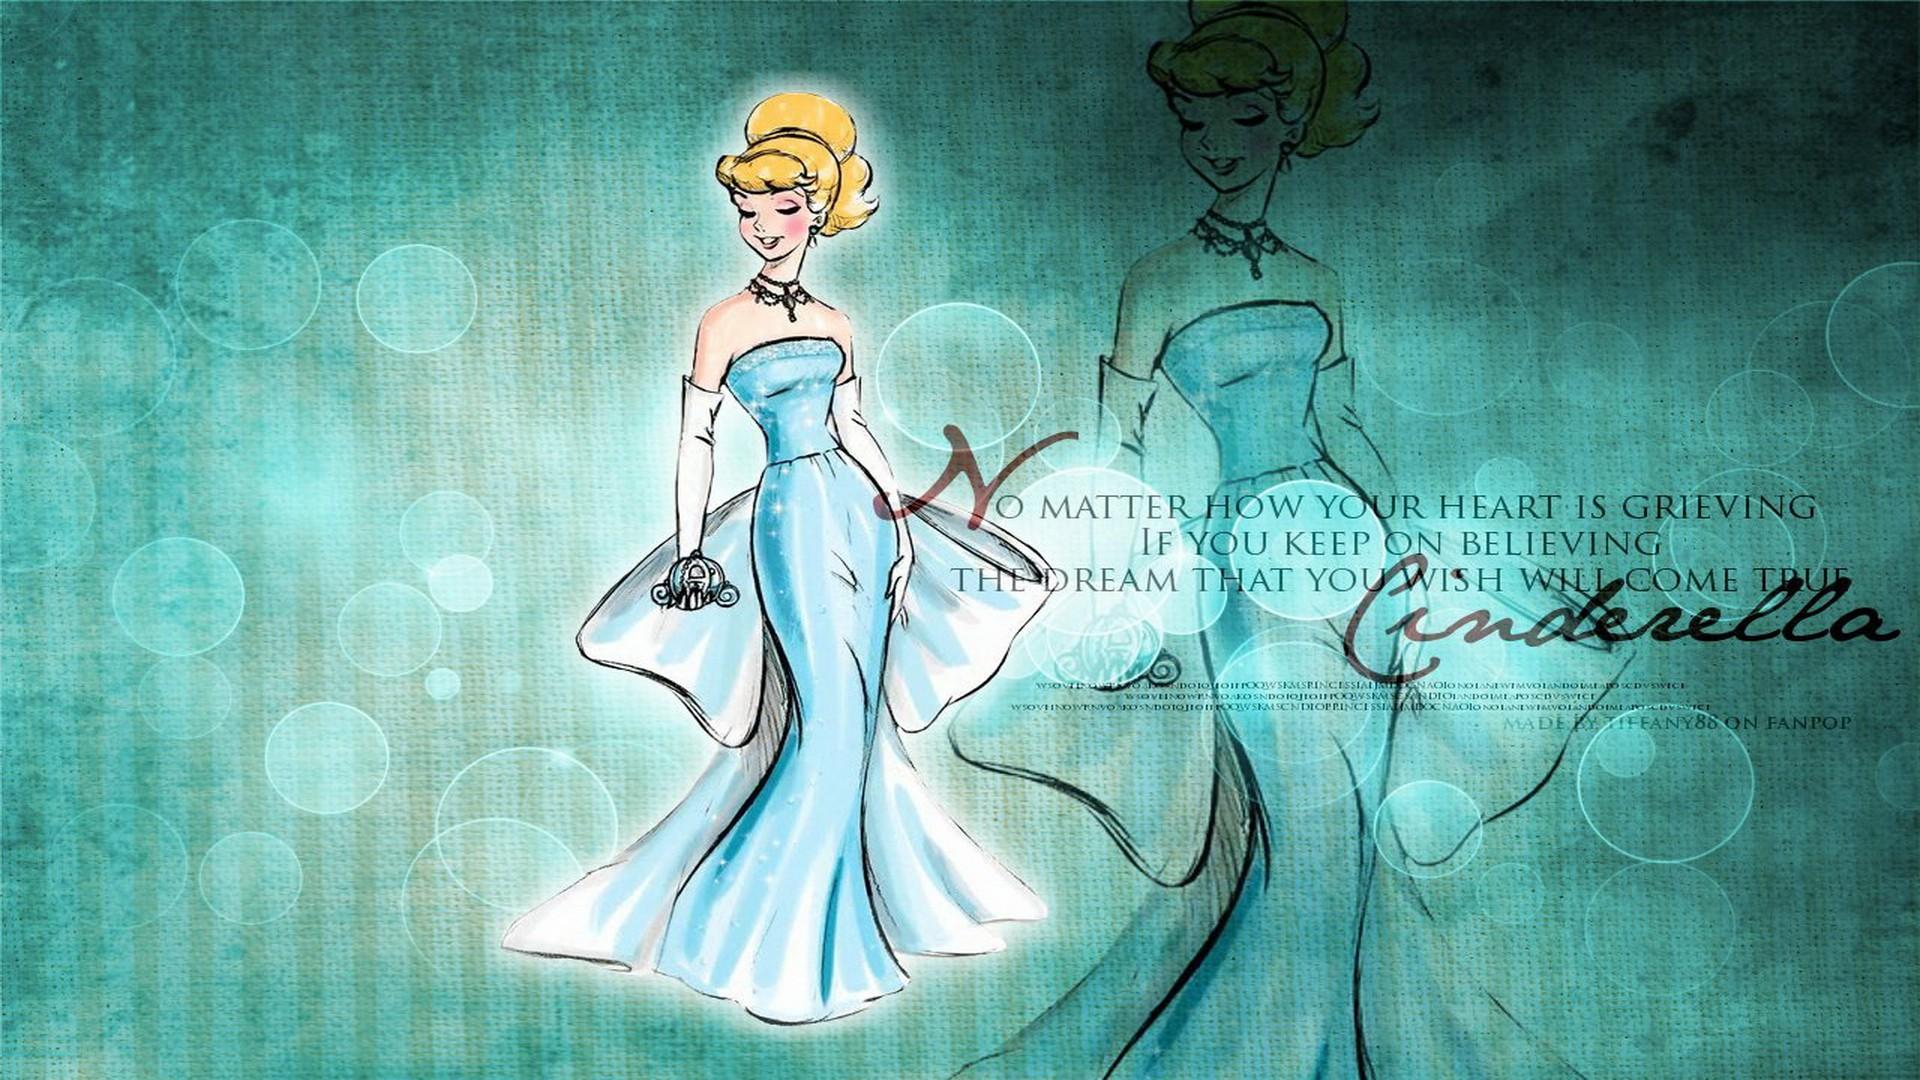 free disney cartoon wallpaper desktop download   wwwwallpapers in hd 1920x1080